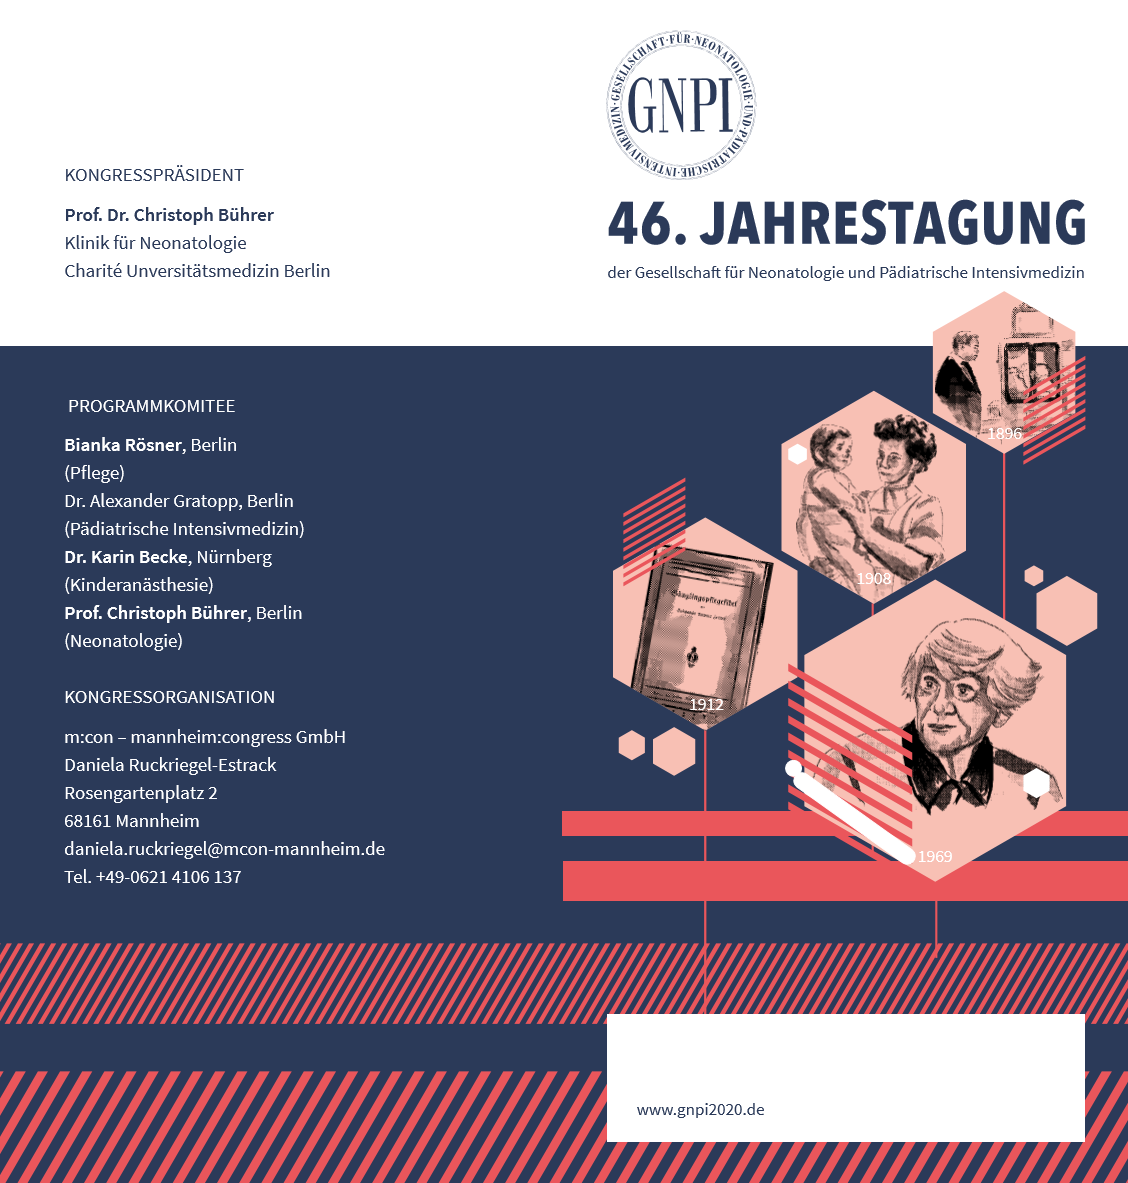 Die 46. Jahrestagung findet vom 17. - 19. November in Mannheim statt.